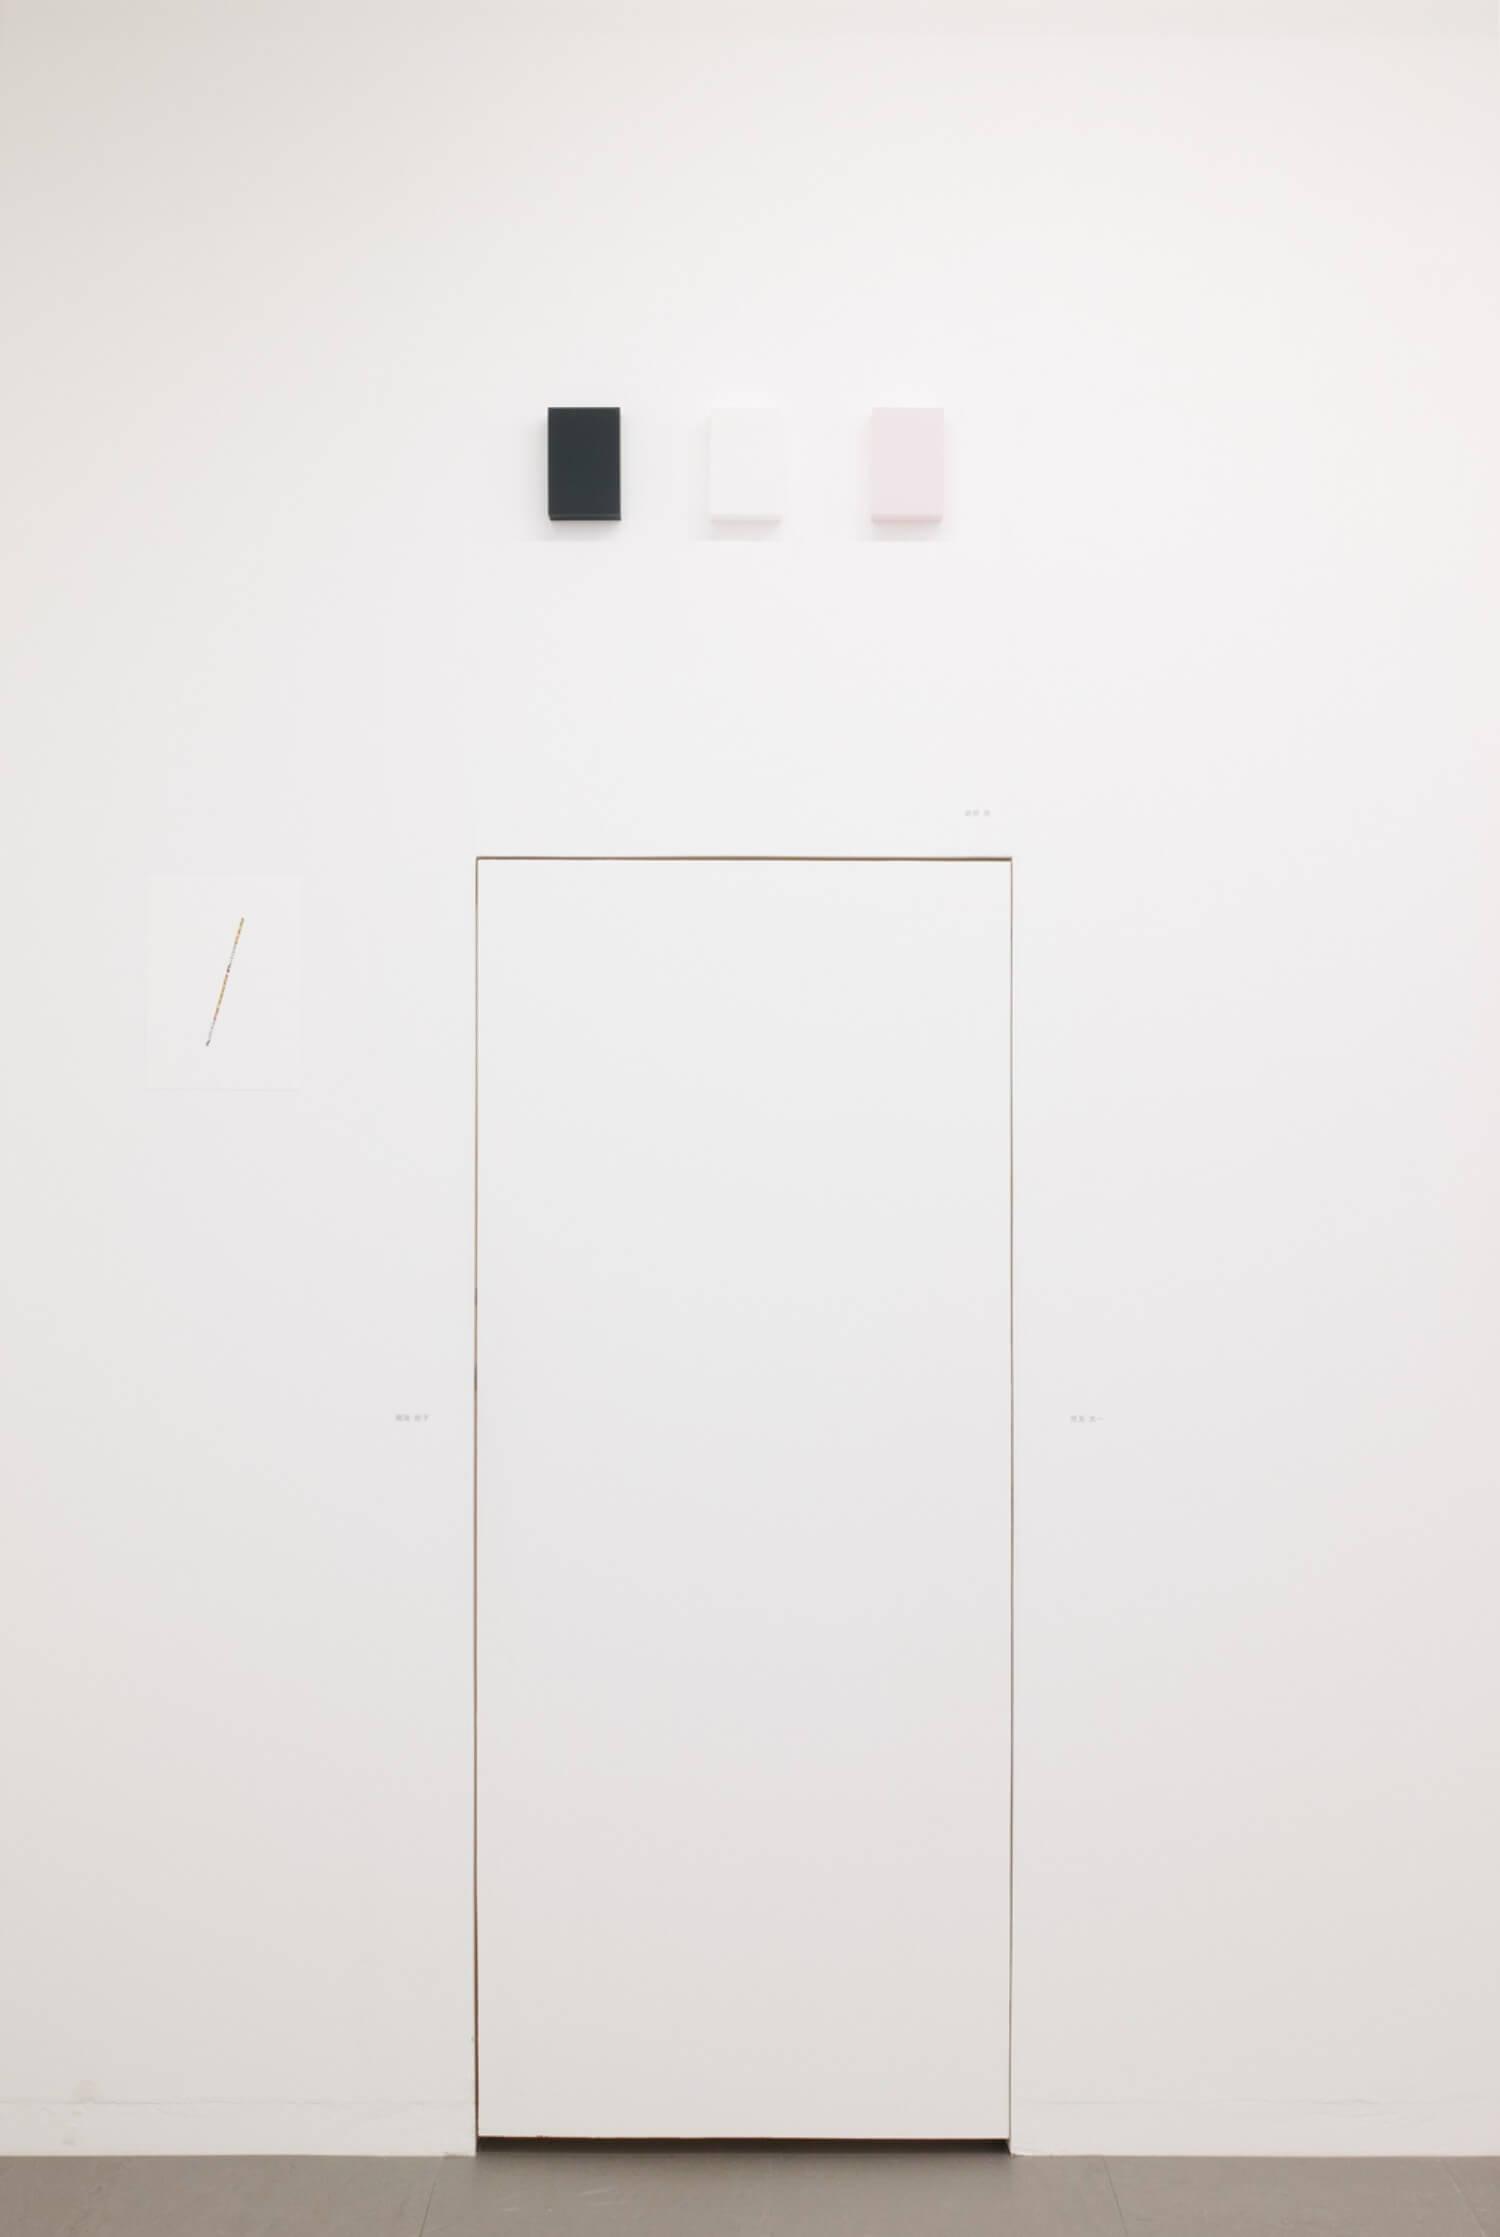 越野潤<br>WORK16-3 (dark blue) / アクリルにシルクスクリーン, 15 x 10 x 4 cm<br>2016WORK17-1 (off- white) / アクリルにシルクスクリーン, 15 x 10 x 4 cm<br>2017WORK16-10 (pink) / アクリルにシルクスクリーン 15 x 10 x 4 cm 2016